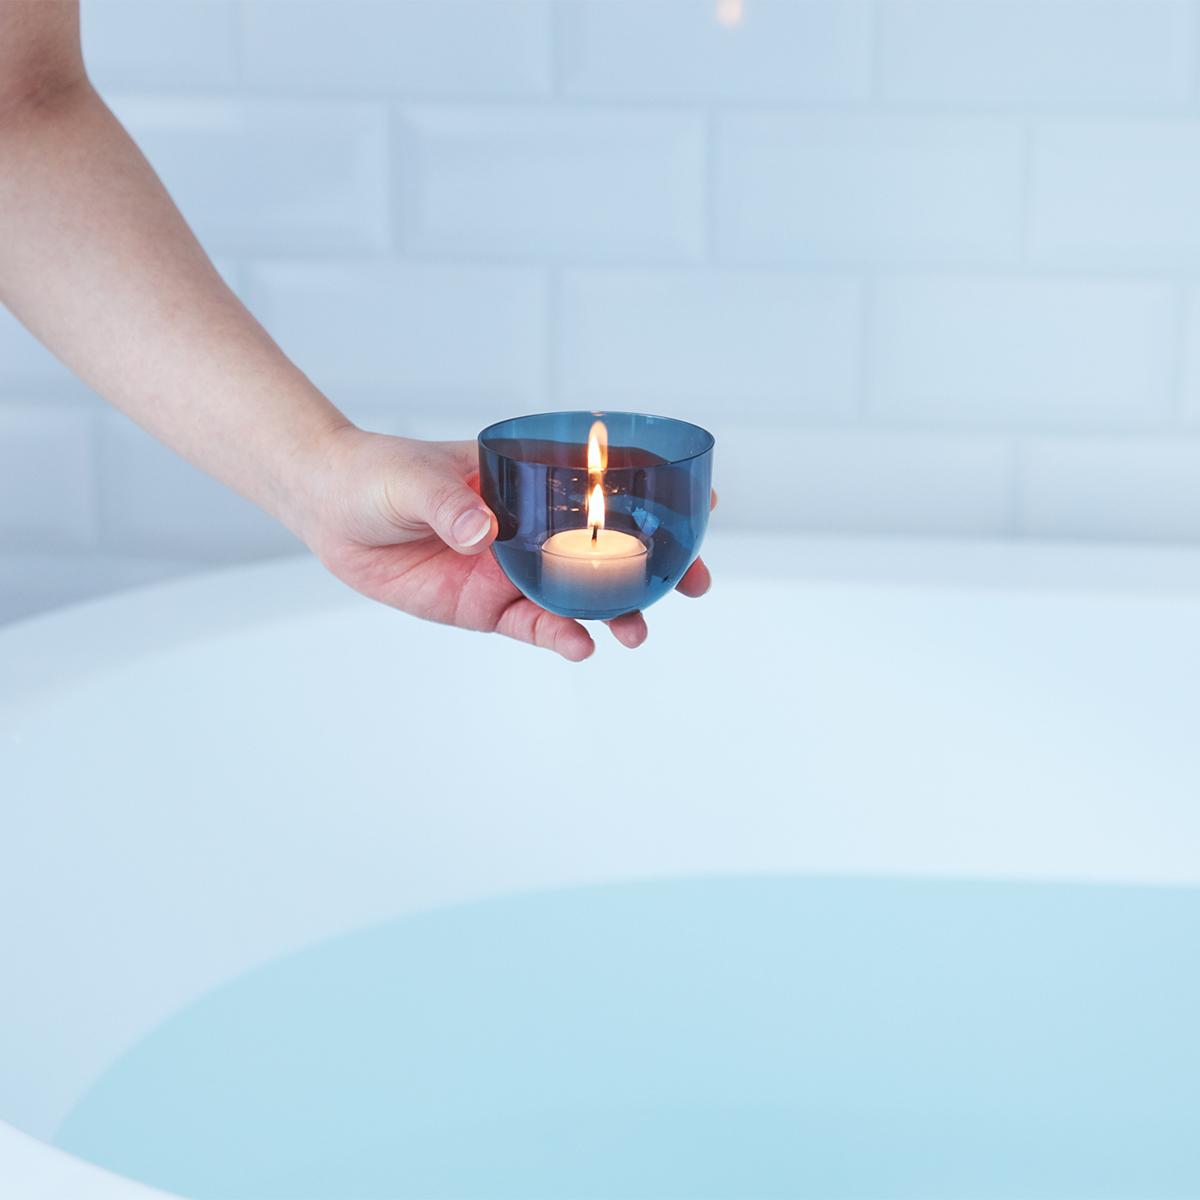 「幸福度を高める」と言われる入浴の効果とは。効果的に入浴するための7つの方法とグッズ|目の疲れや肩こりを解消、自律神経を整えたい方に